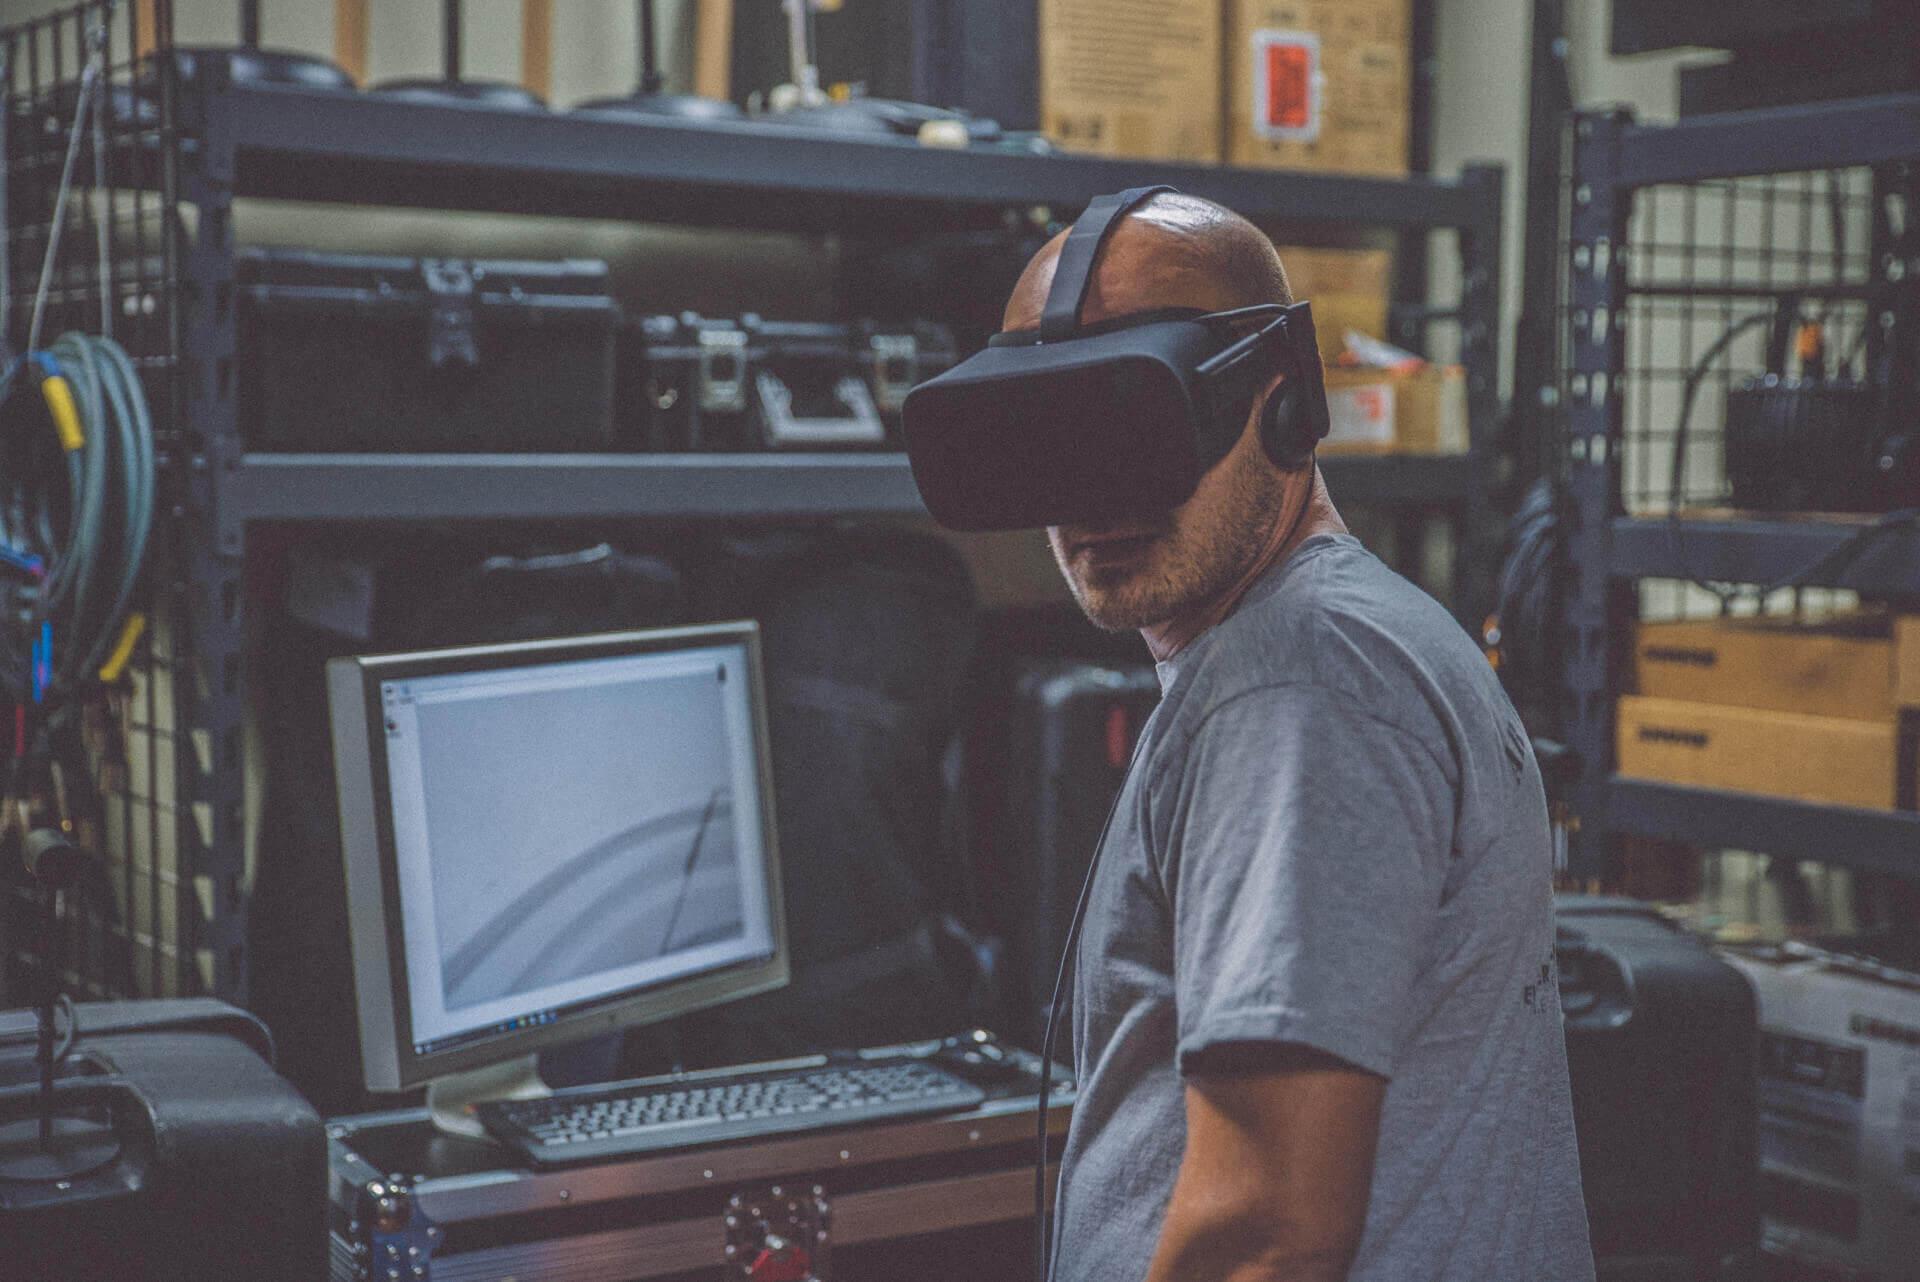 AR, czyli rzeczywistość rozszerzona, jest użytecznym narzędziem w procesie analizy, projektowania i wizualizacji inwestycji zwiększając zadowolenie kupców i obniżając koszty szybciej, niż kiedykolwiek było to możliwe